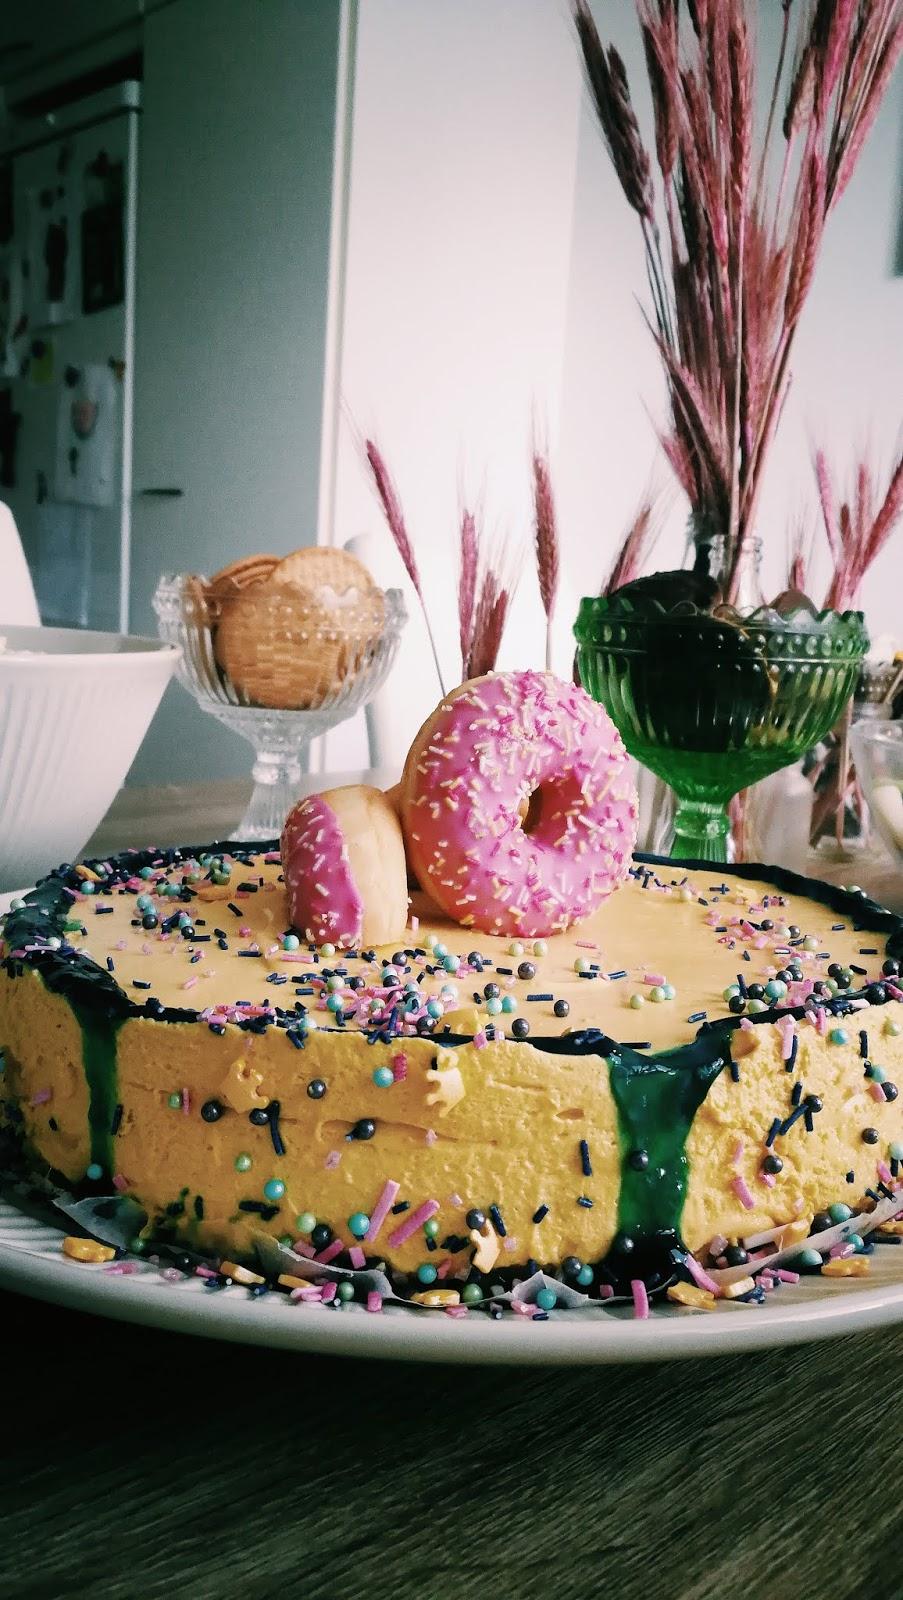 Moussekakku, mangokakku, mangomoussekakku, mangovaahtokakku, moussrtårta, mangomoussetårta, donitsikakku, donitstårta